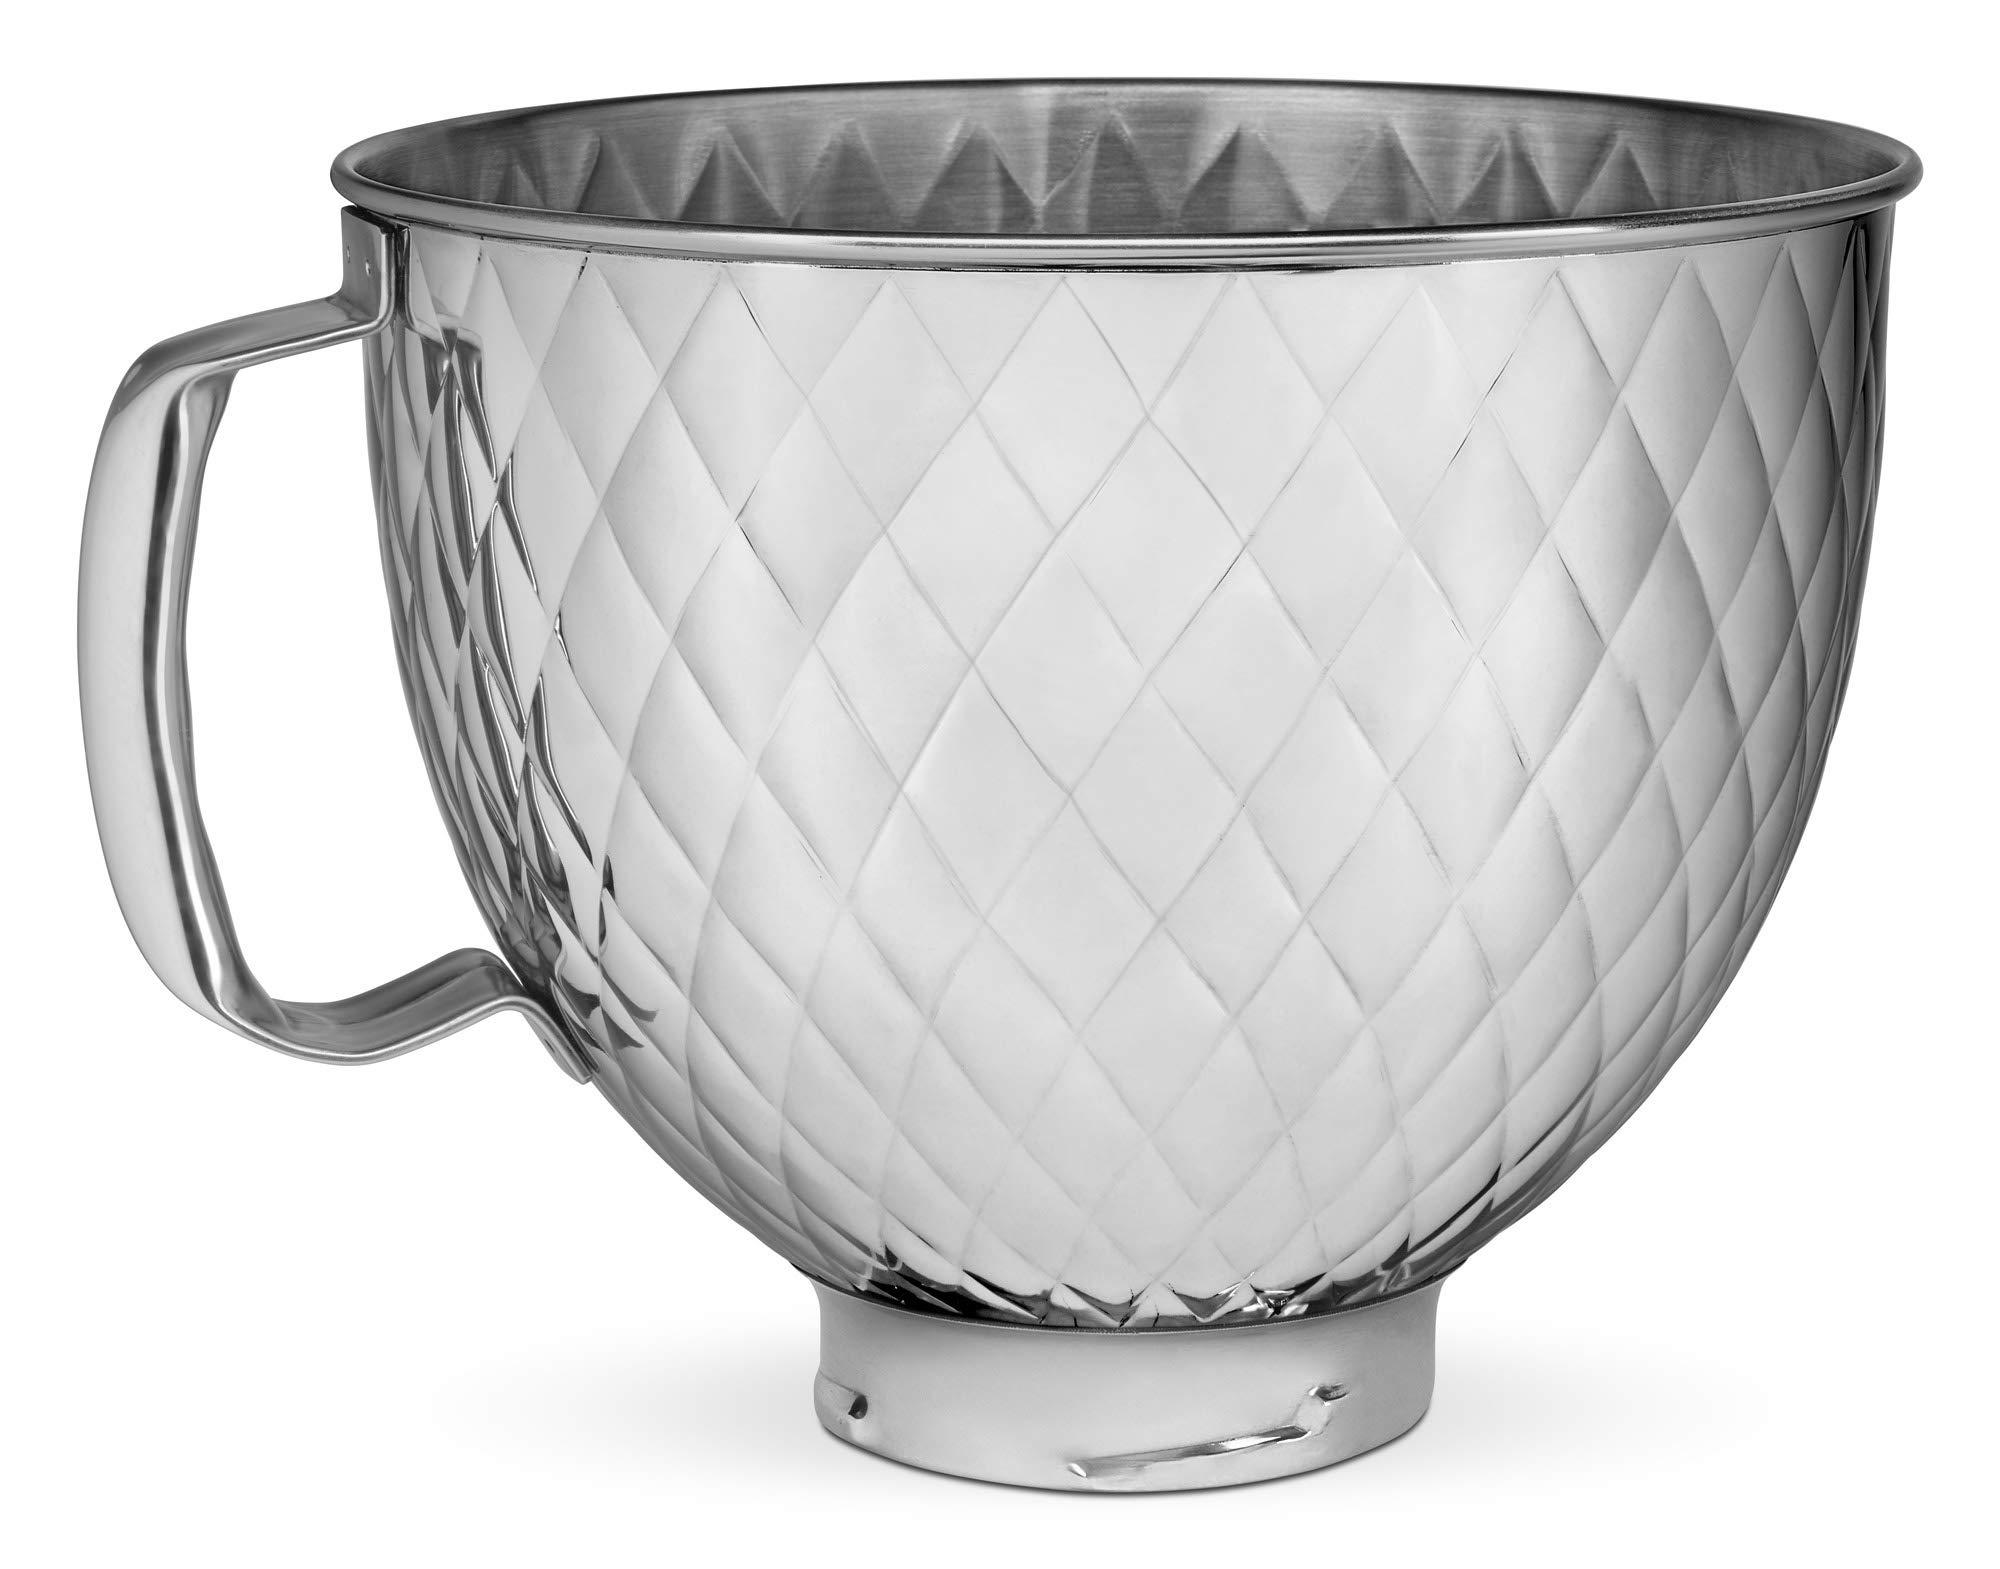 KitchenAid KSM5SSBQB 5QT SS Stand Mixer Bowl, 5 quart, Quilted Stainless Steel by KitchenAid